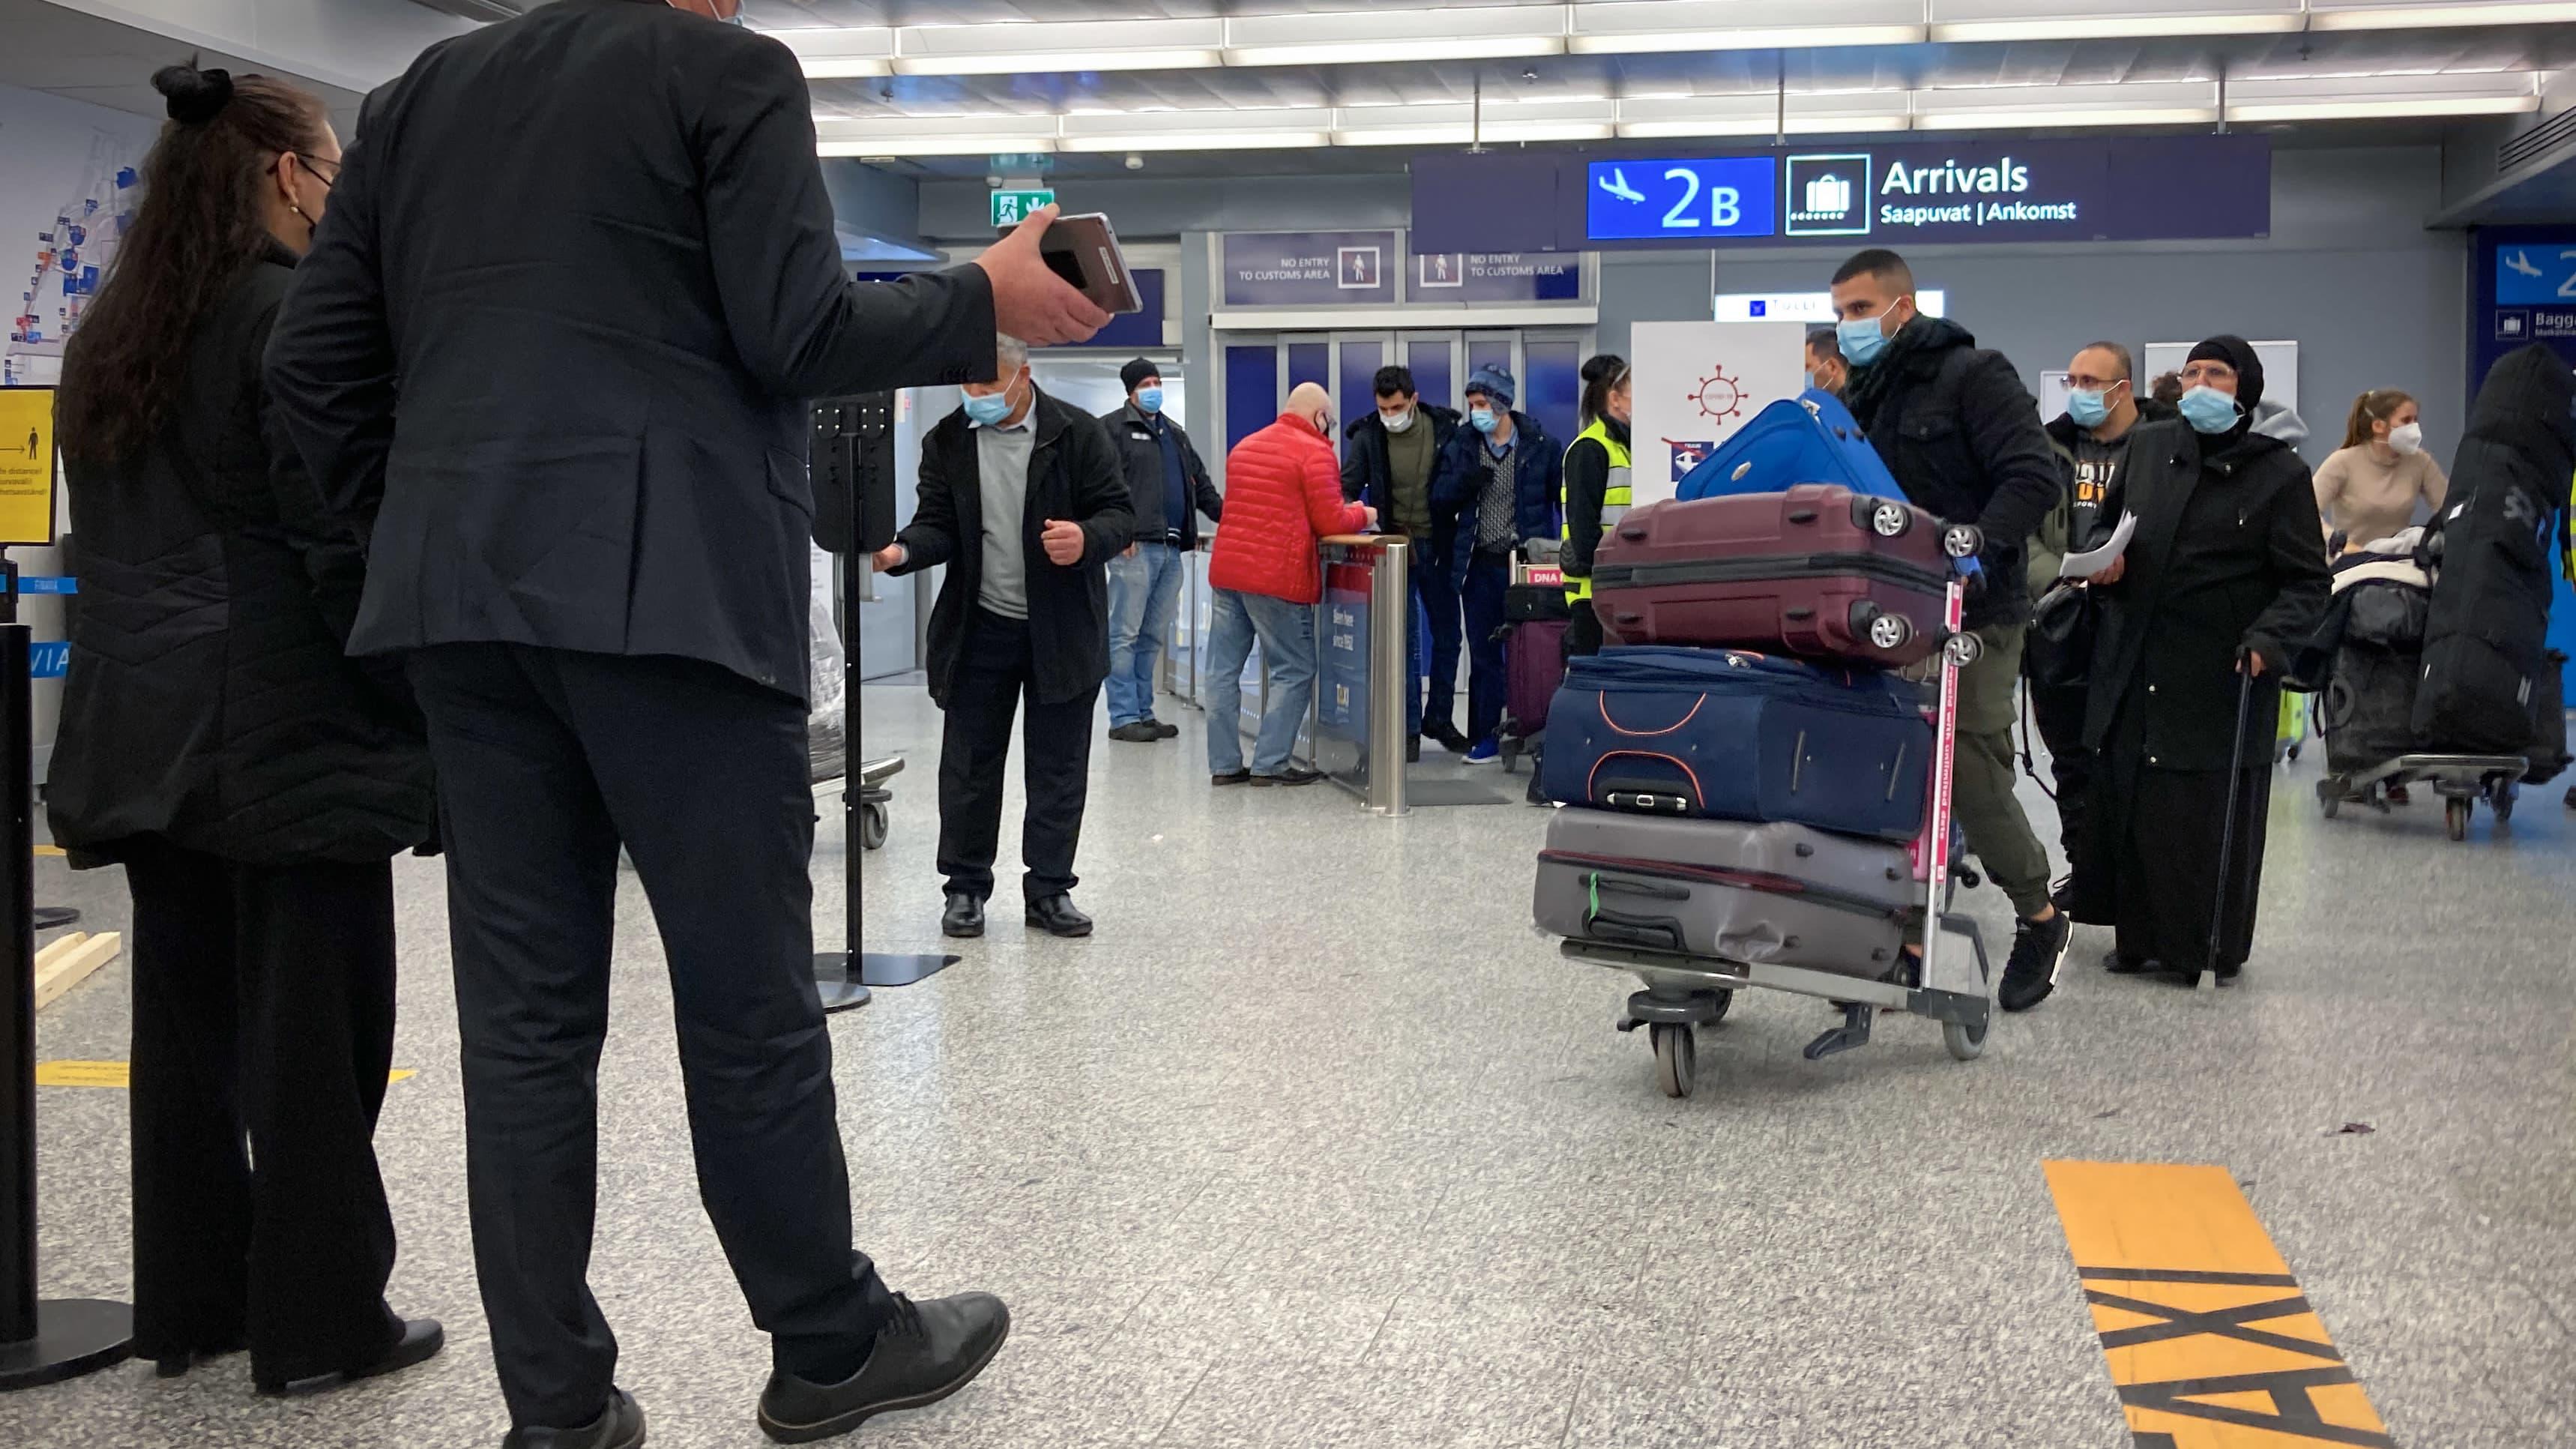 Saapuvien aula Helsinki-Vantaan lentokentällä.